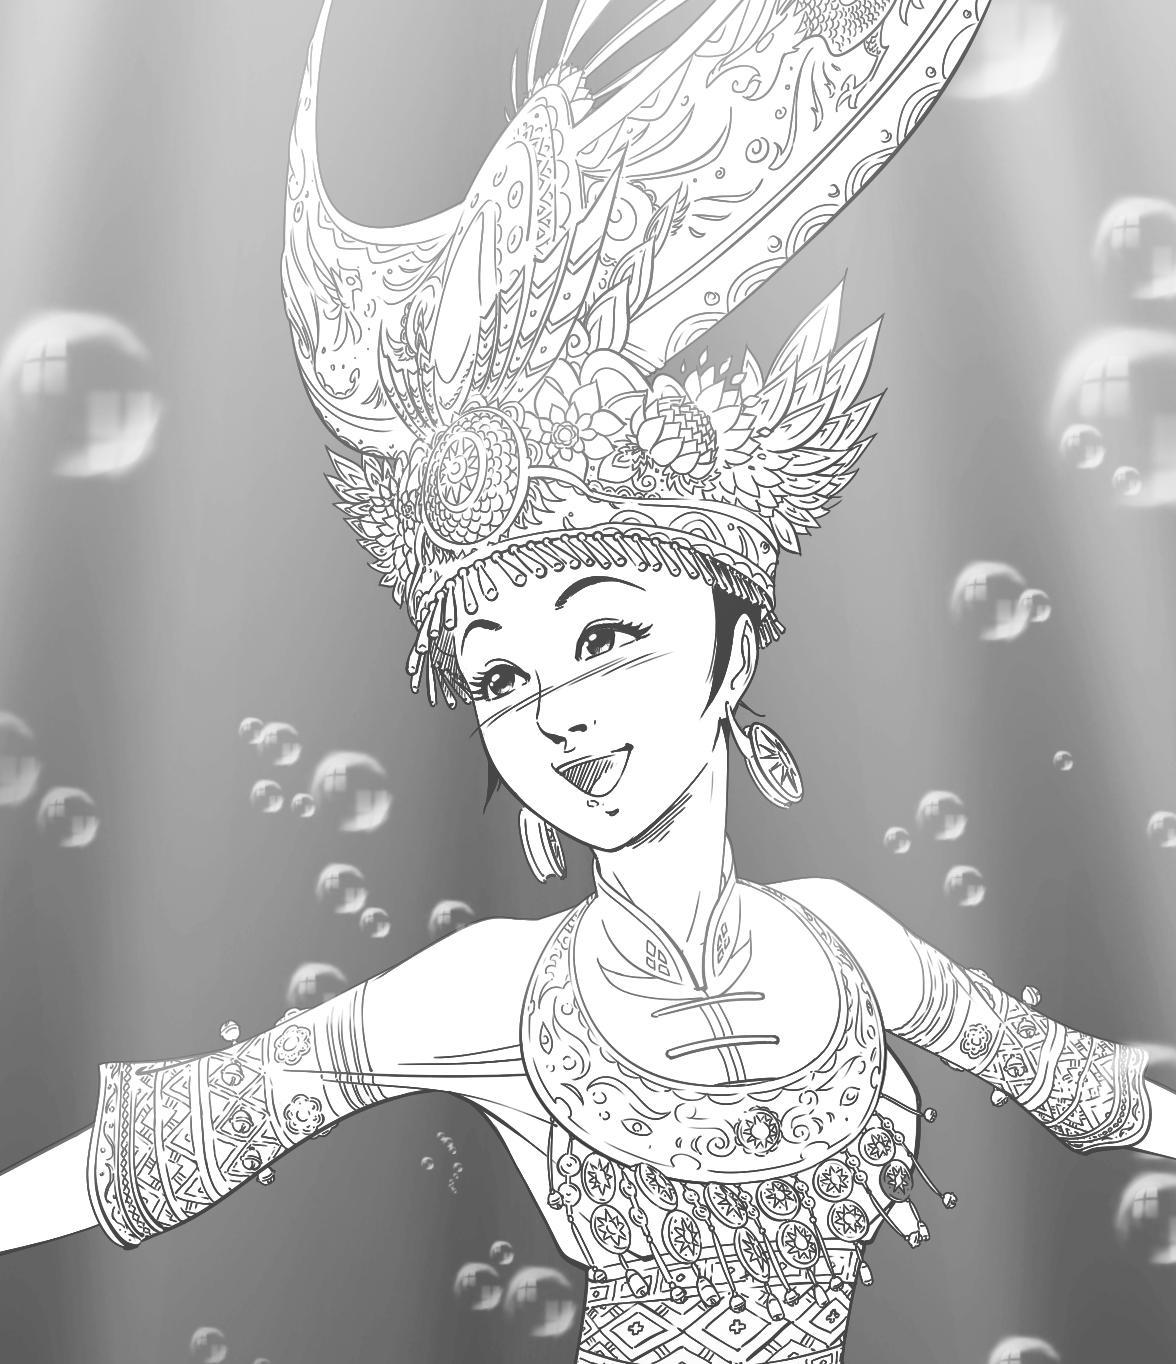 苗族传说《仰阿莎》|插画|商业插画|卡通我的床